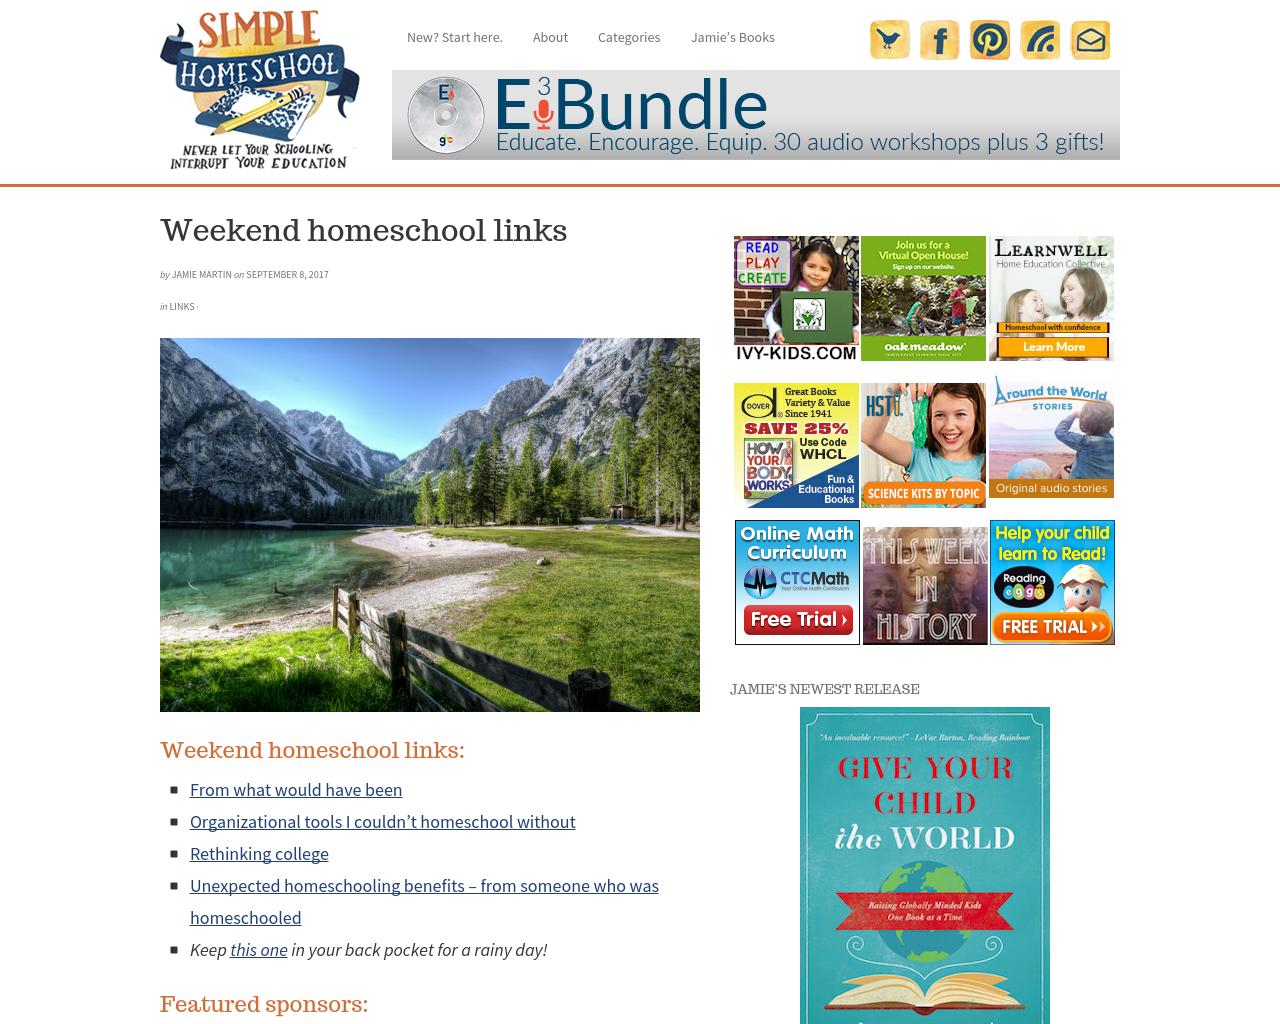 Simple-Homeschool-Advertising-Reviews-Pricing